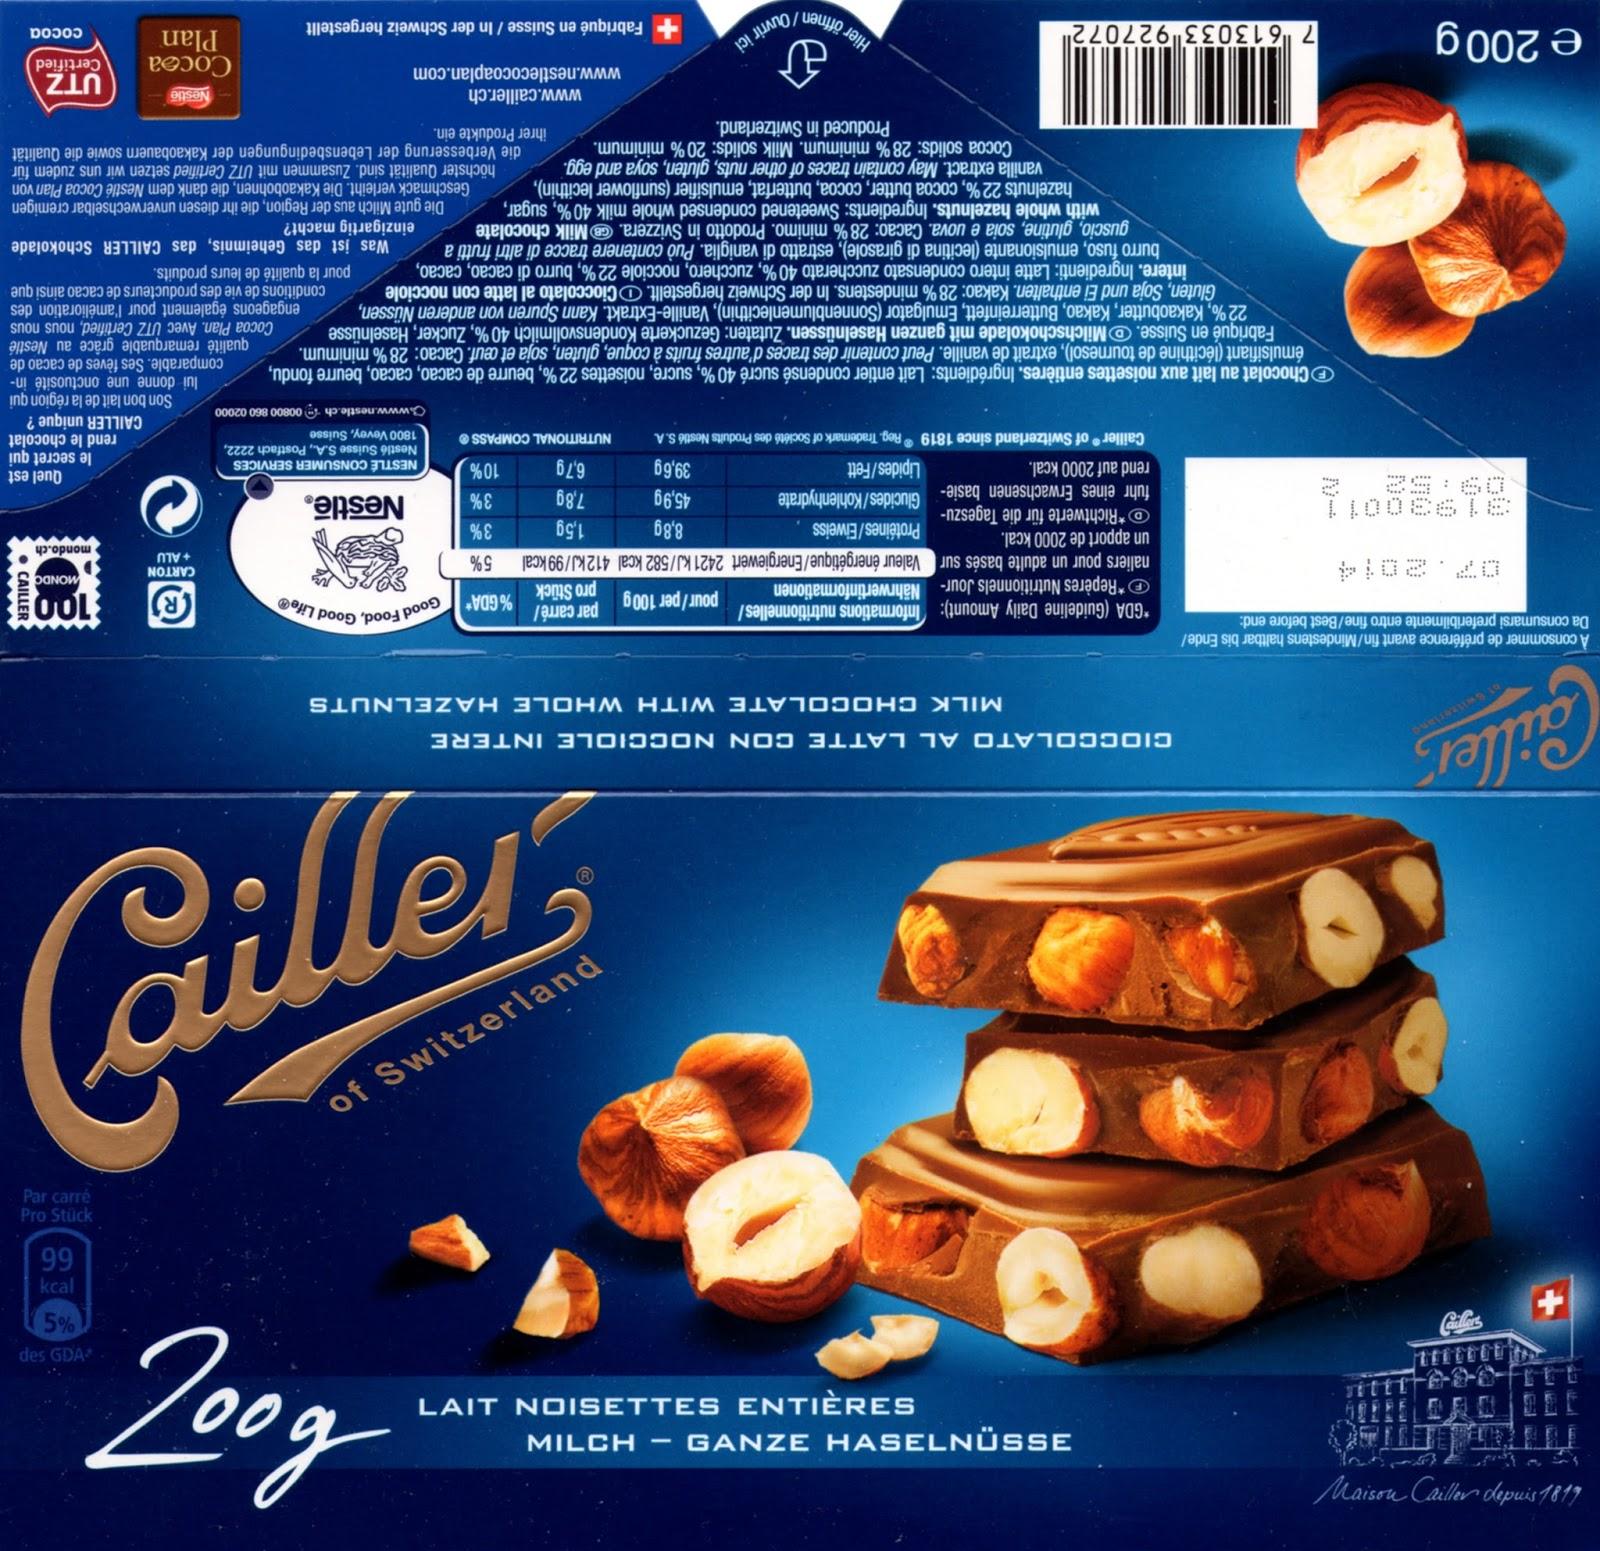 tablette de chocolat lait gourmand cailler lait noisettes entières